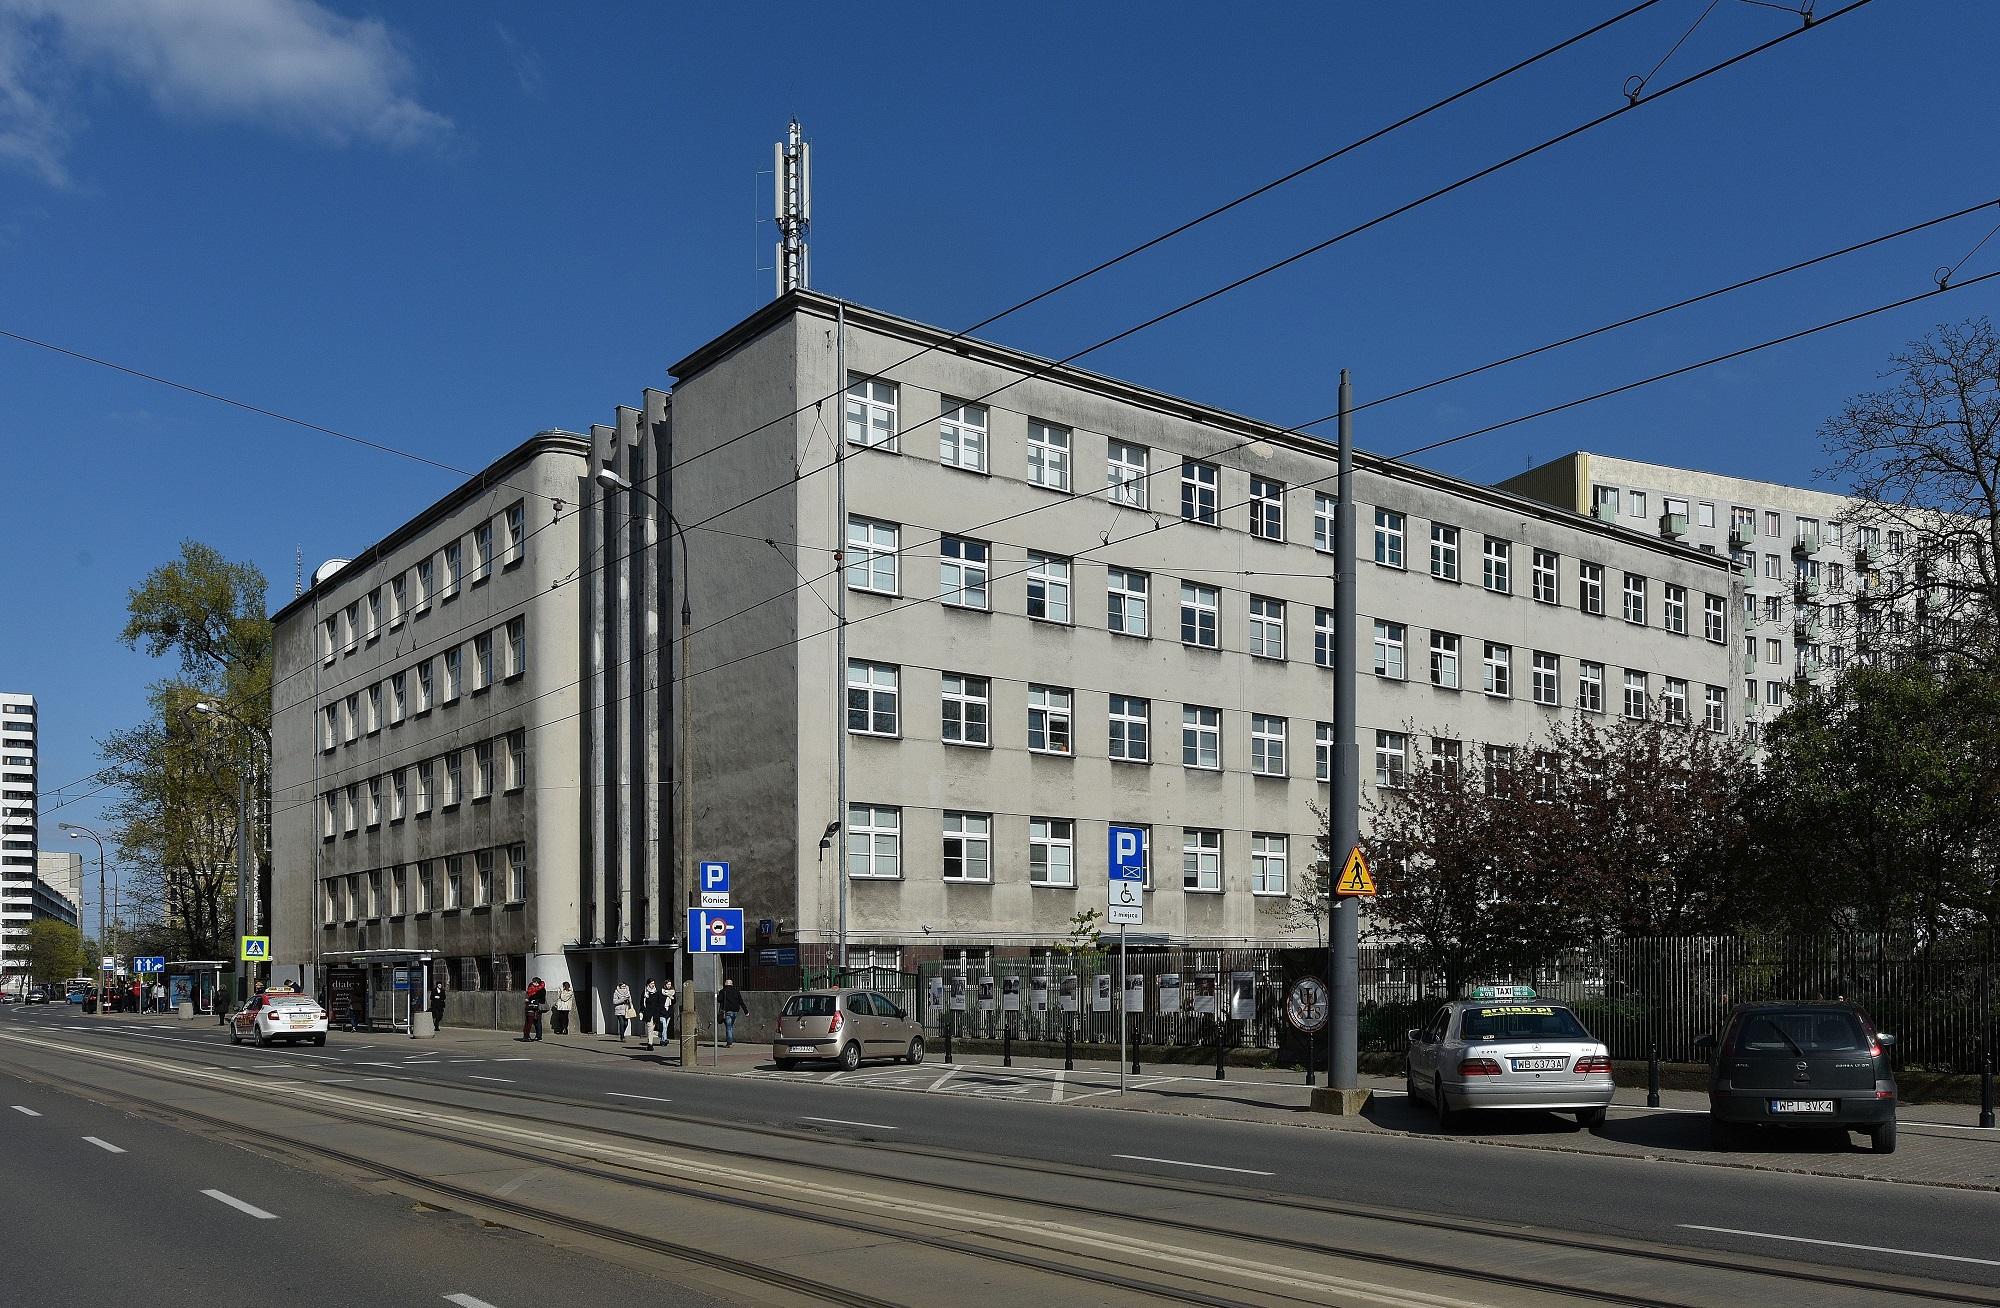 Wydział Psychologii Uniwersytetu Warszawskiego przy ulicy Stawki 5/7 (fot. Wikipedia)